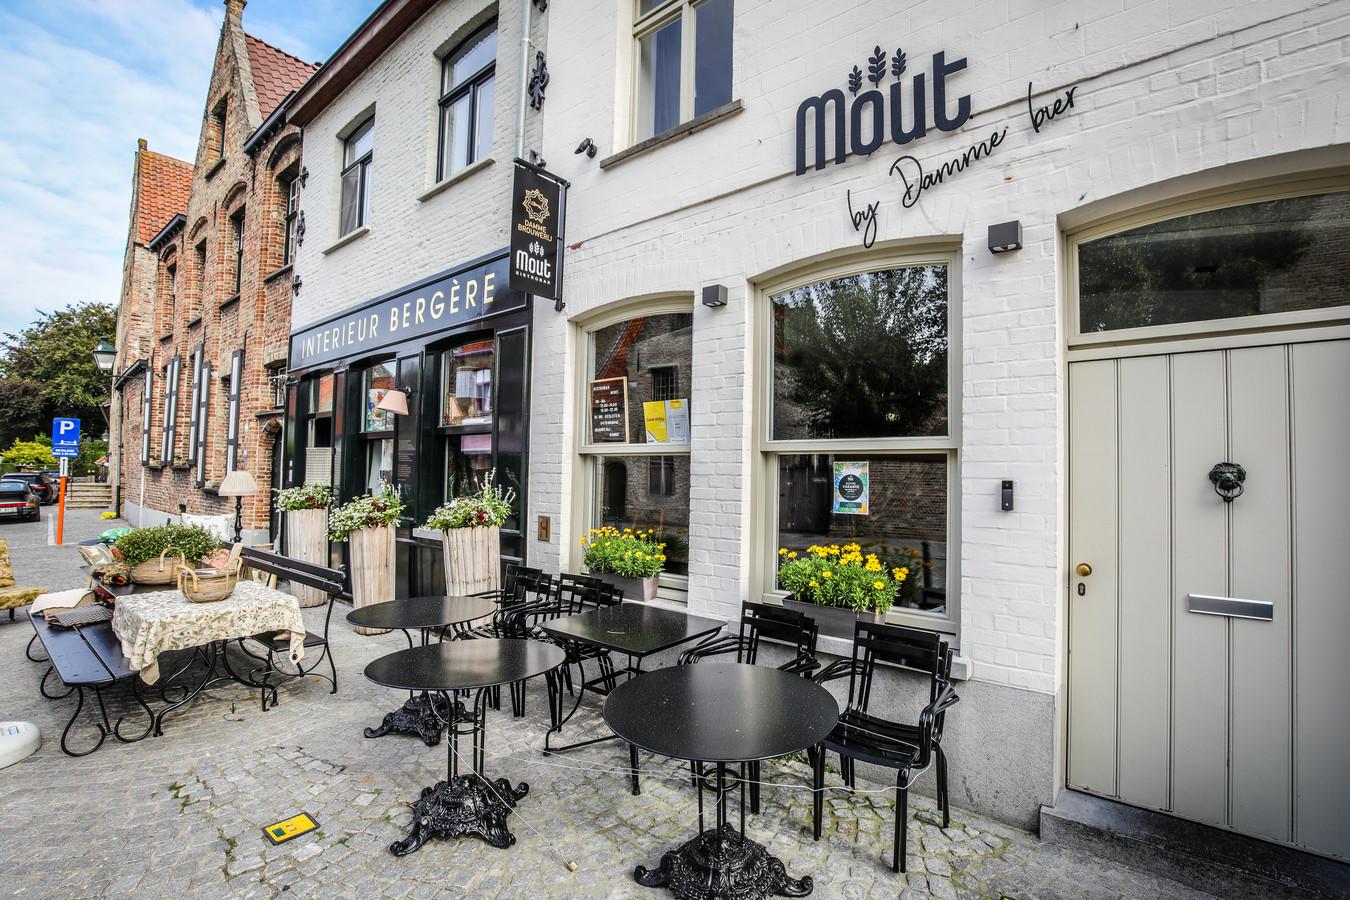 Brouwerij Damme Bier vind je in het pand waar ook bistrobar Mout gevestigd is.